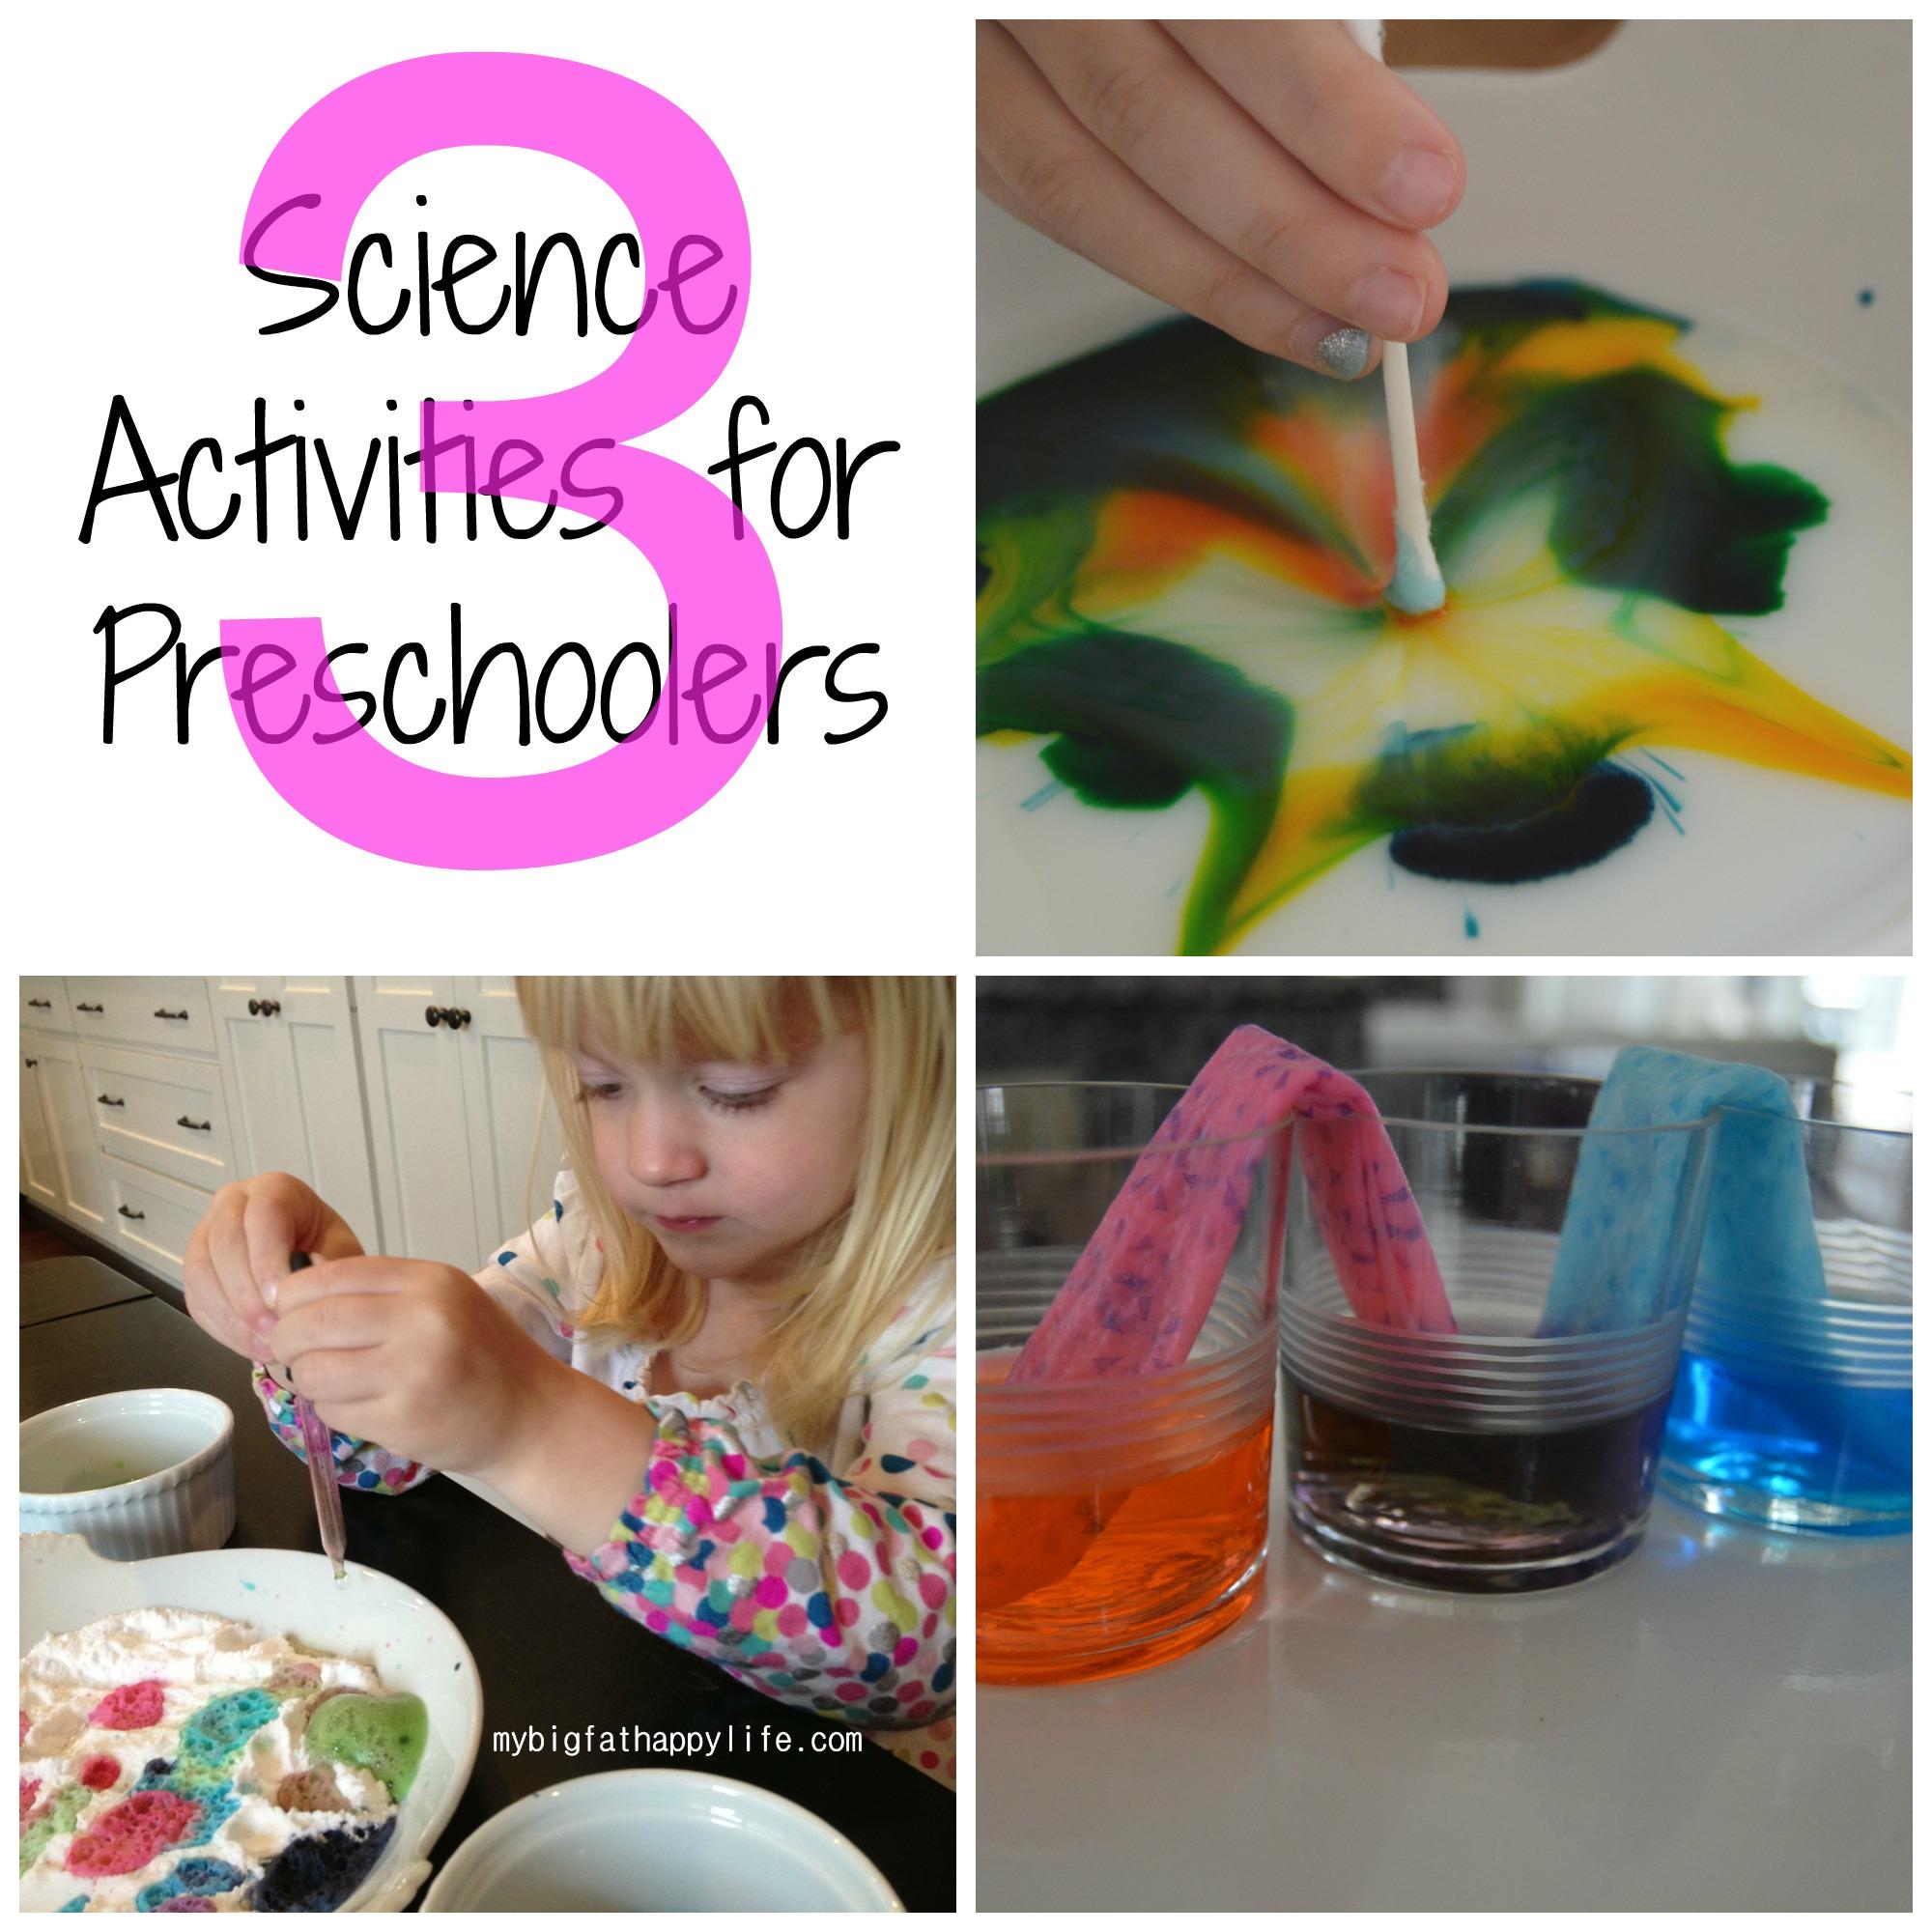 3 Science Activities For Preschoolers